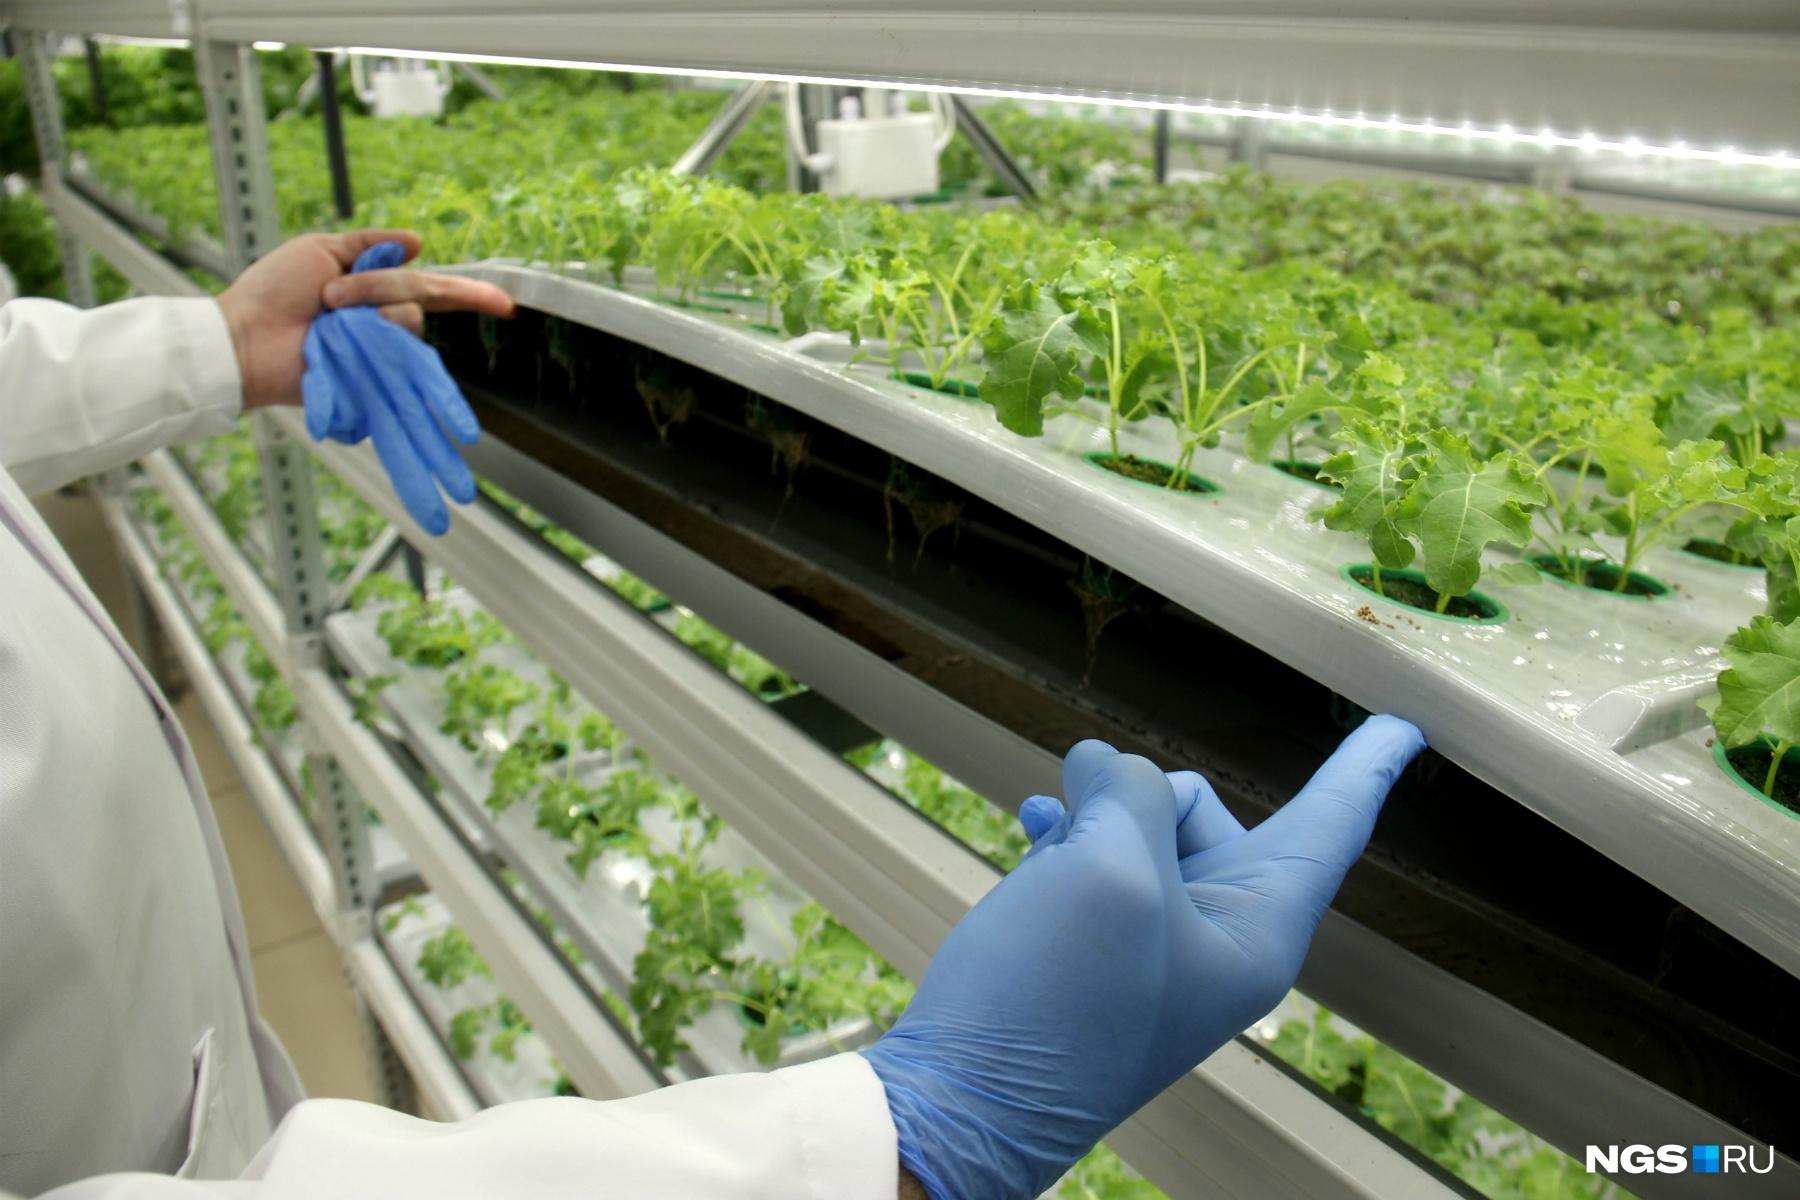 Особенность этой теплицы в том, что питательный состав поступает не в губку, которая окружает горшочек с растением, а свободно течёт под ним